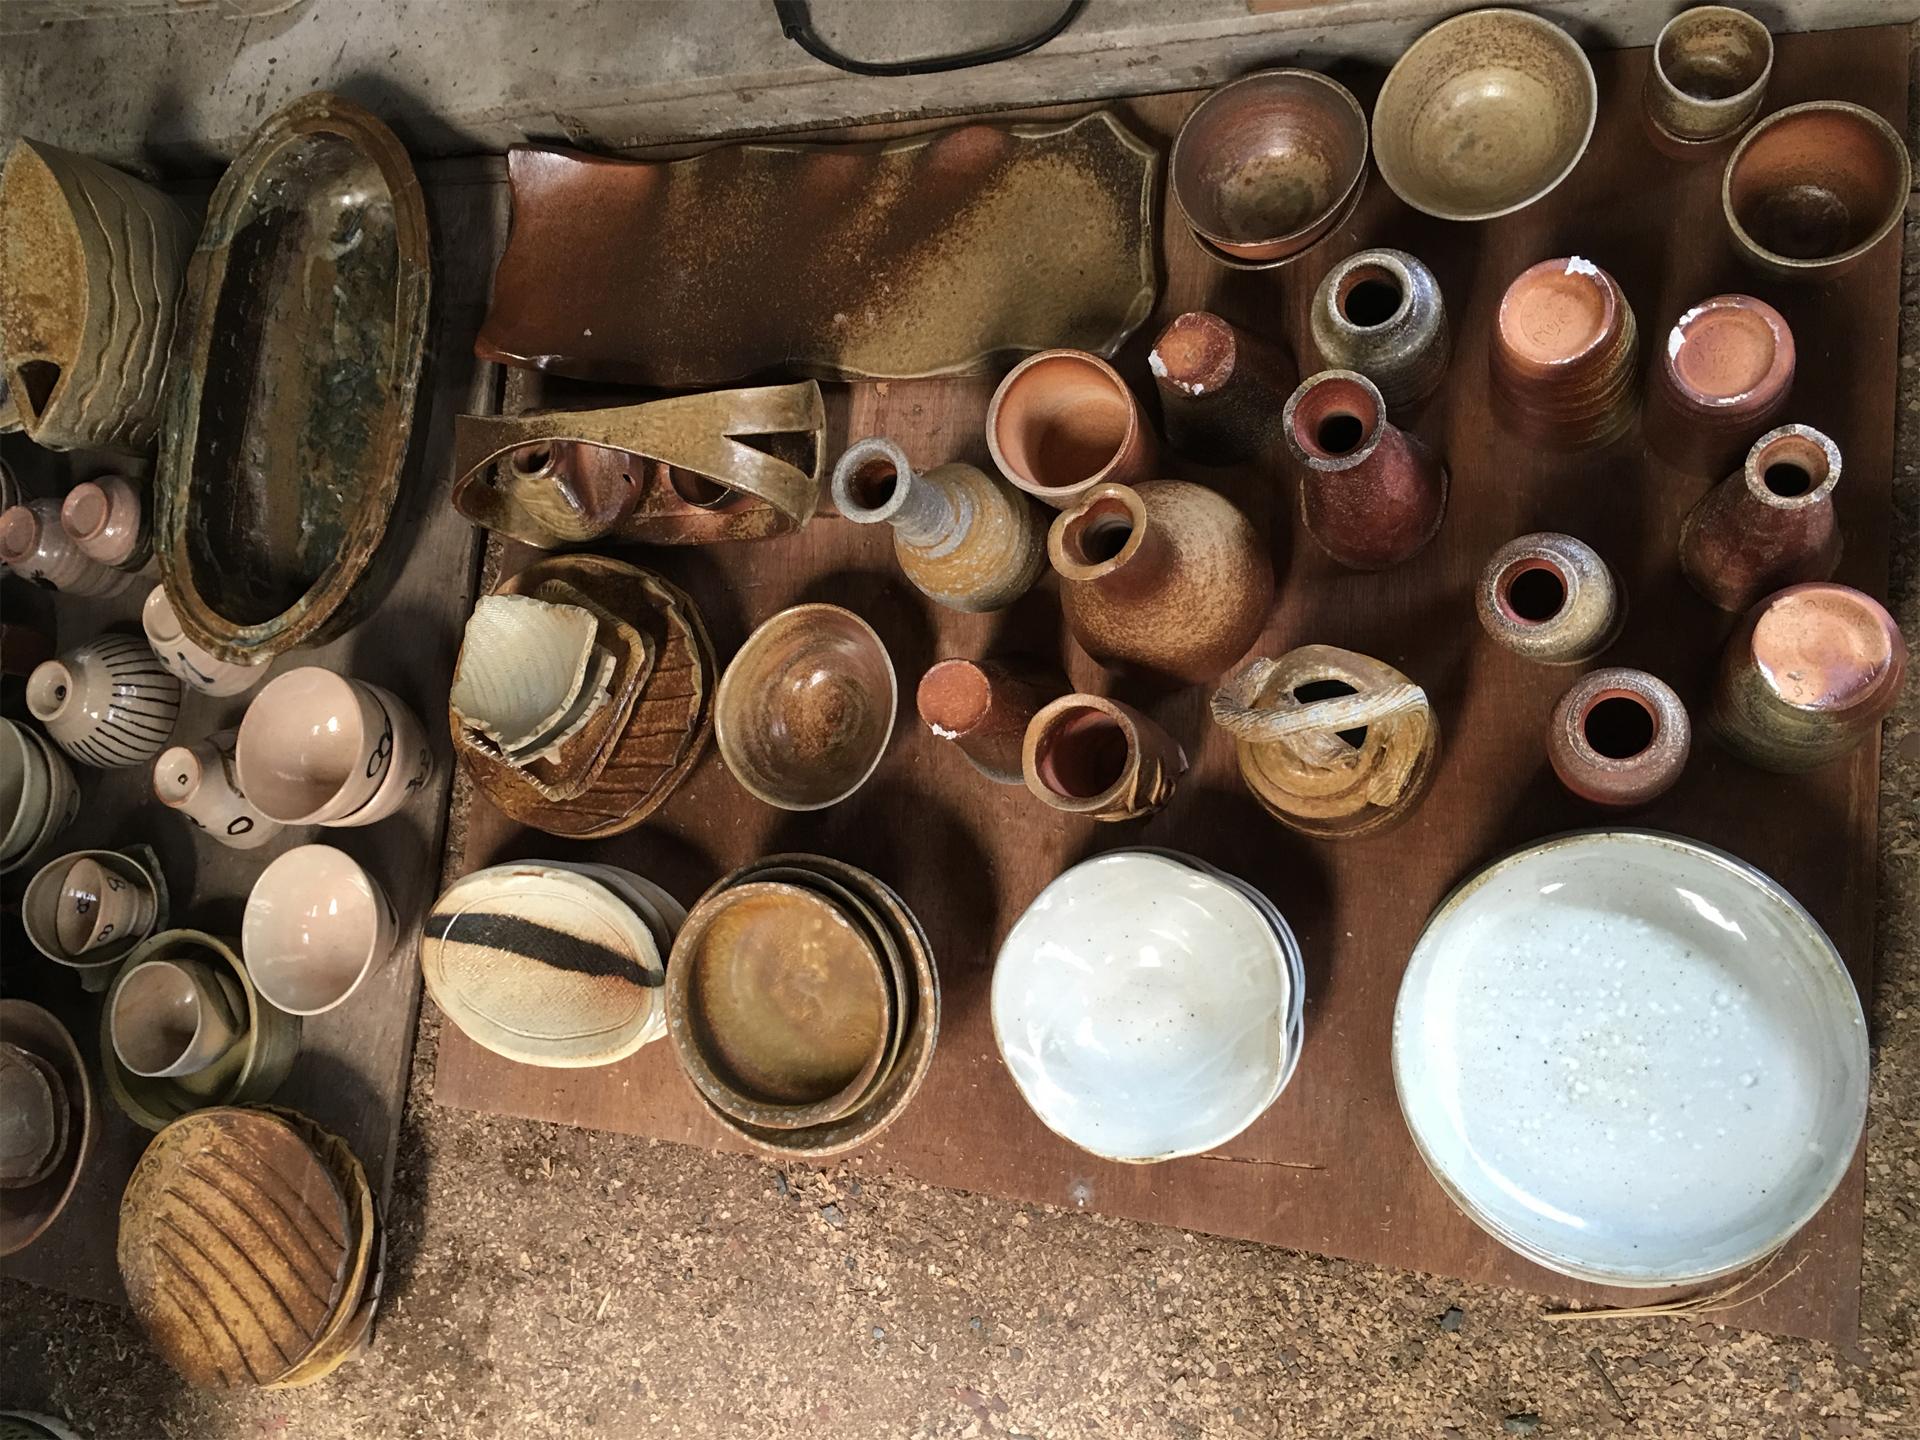 窯出し後の陶器類